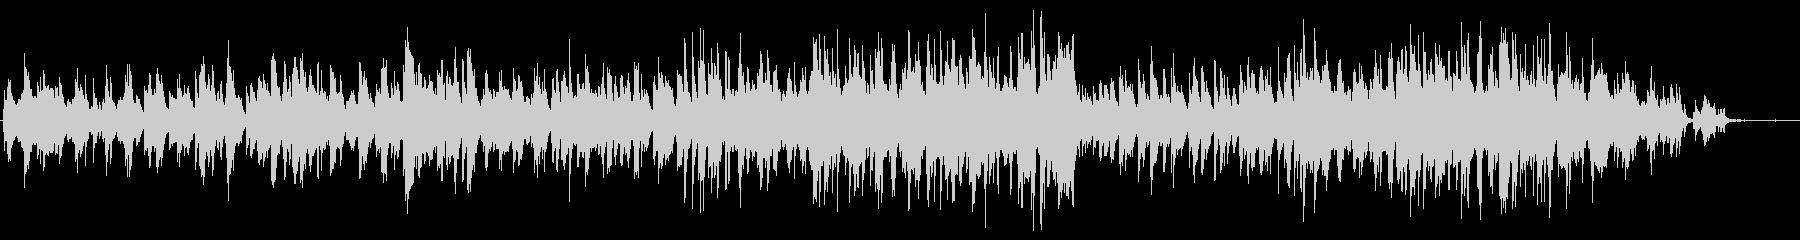 メロディアスで美しいバラードのピアノソロの未再生の波形